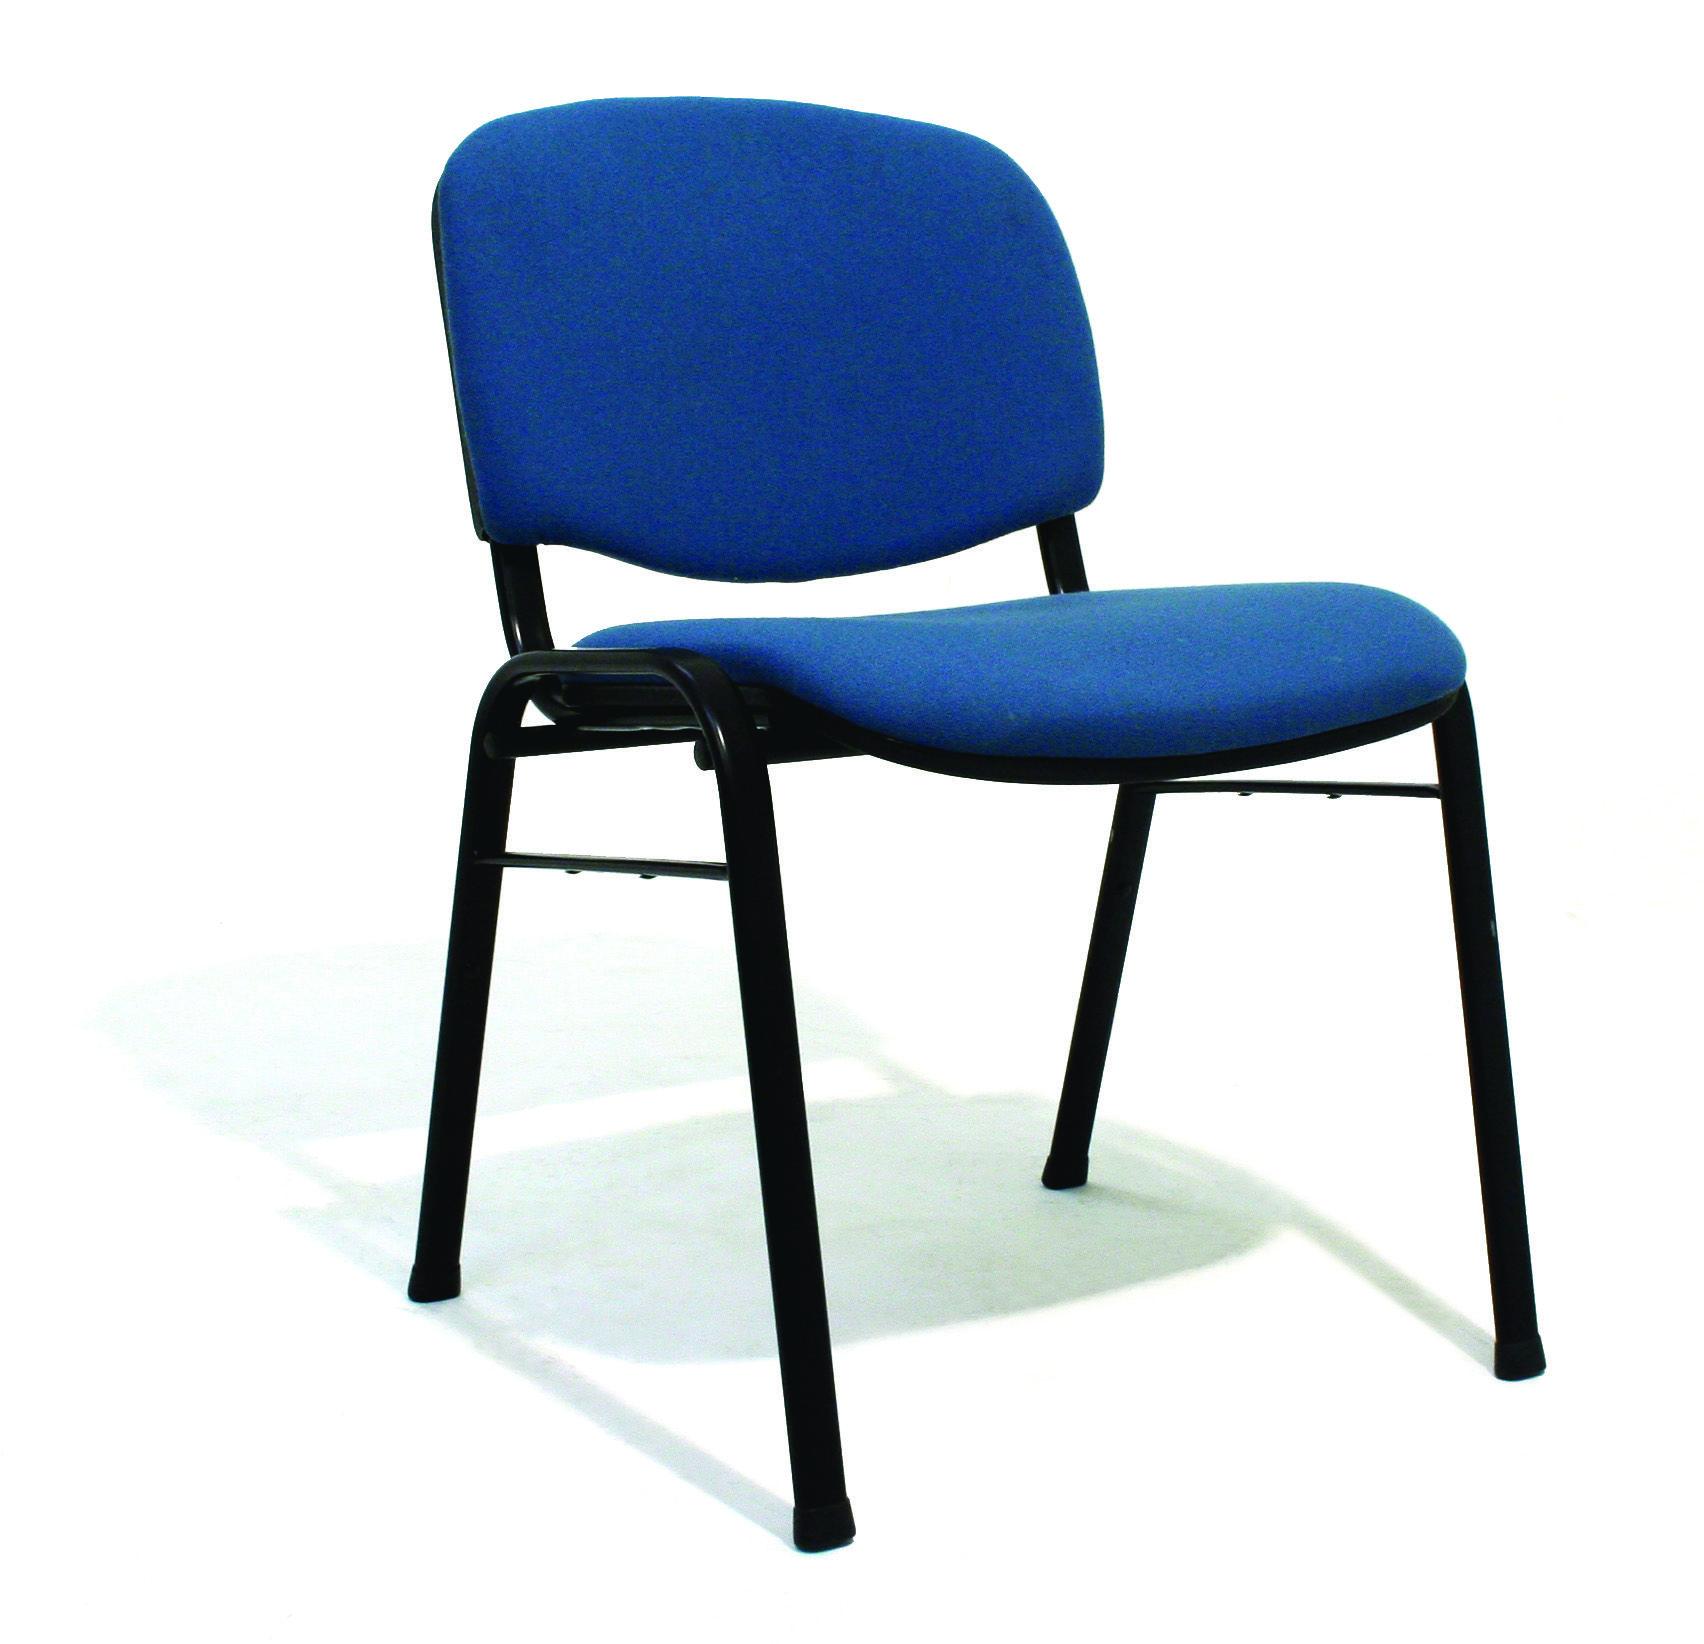 Büro Besucher Stühle | BüroMöbel | Pinterest | Büromöbel, Stuhl und ...